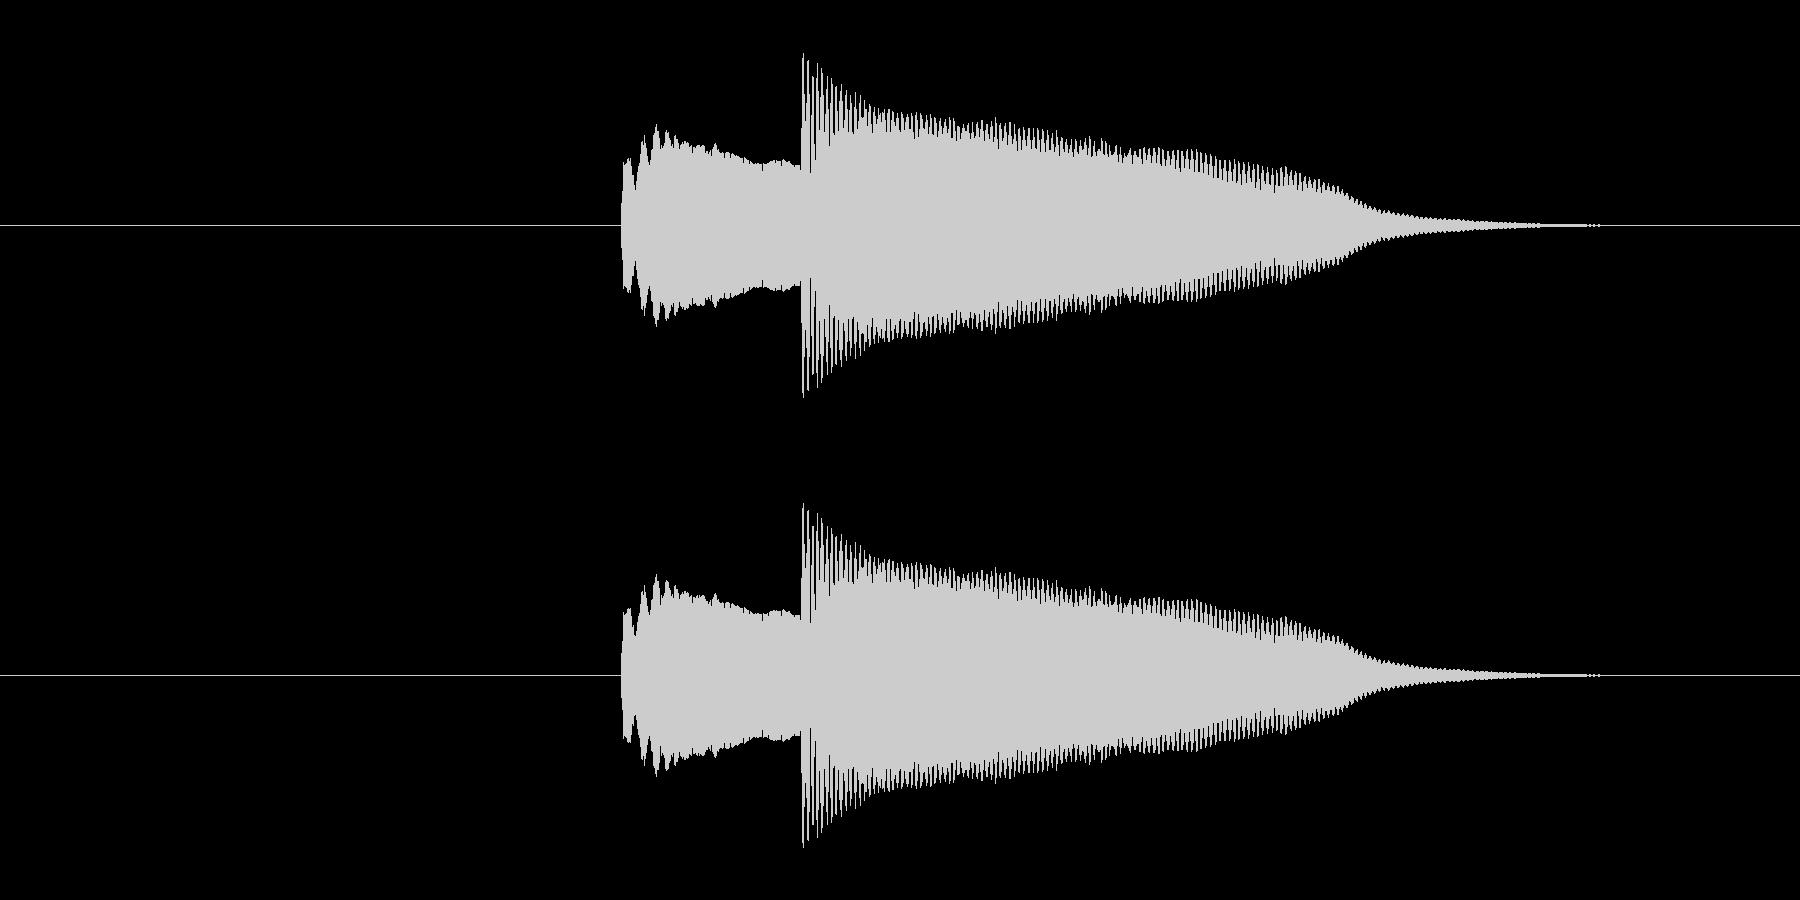 クイズの正解やシステム効果音の決定など…の未再生の波形